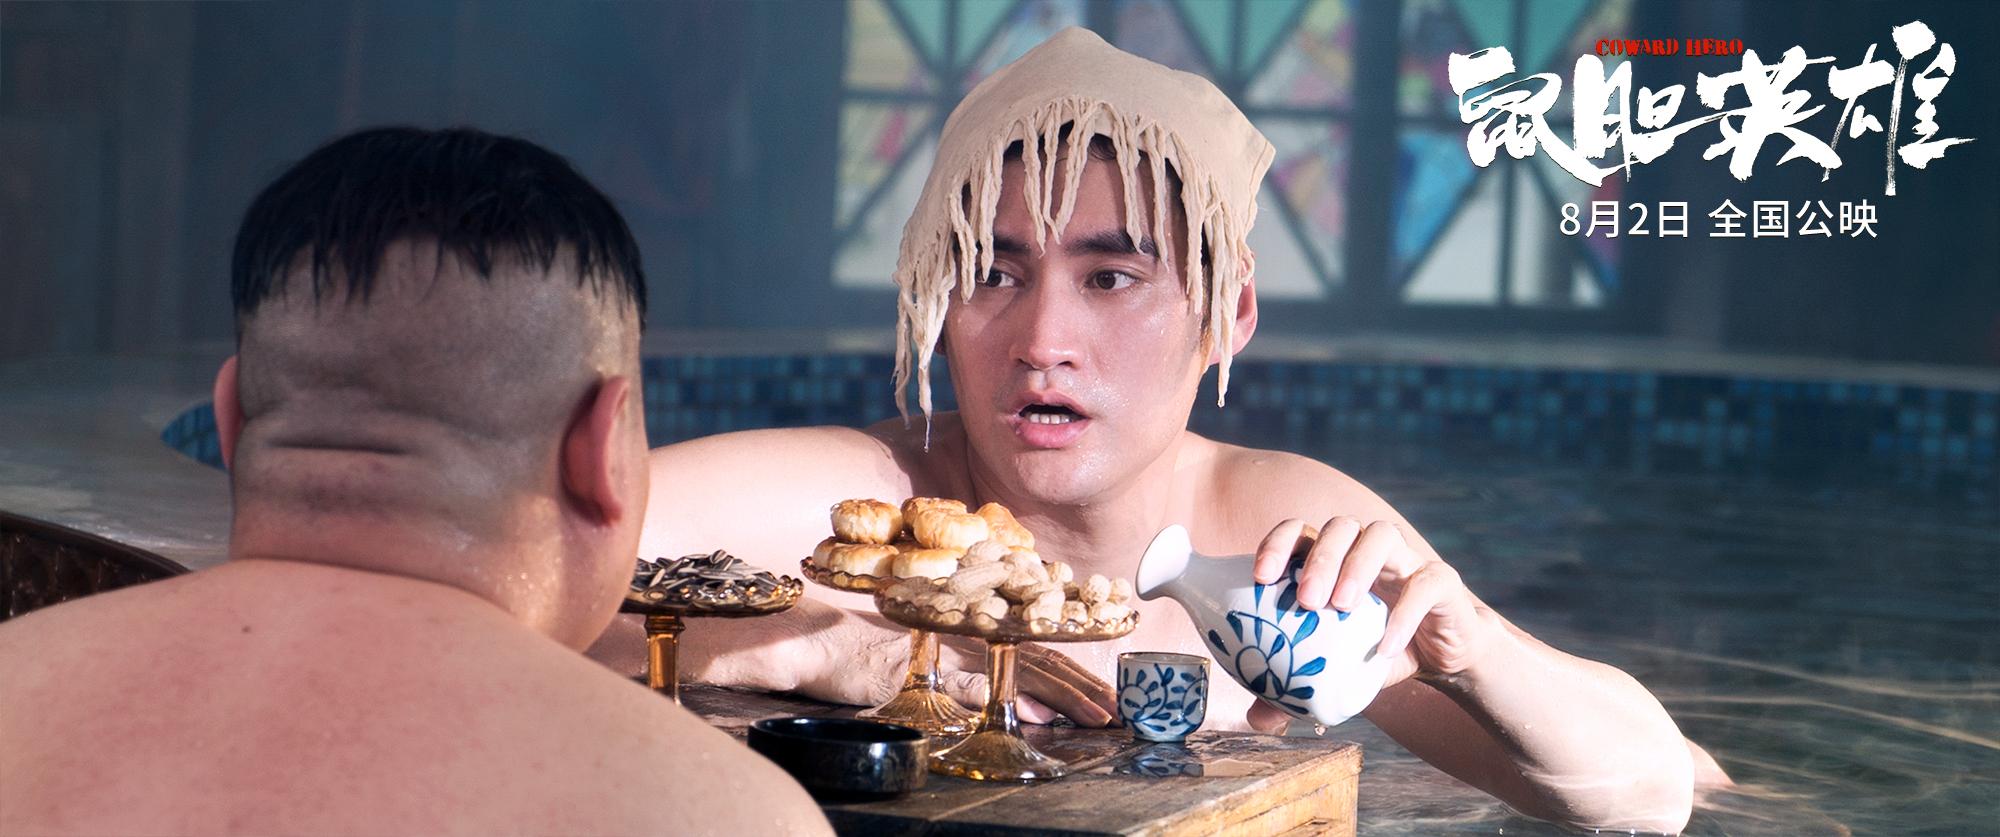 """袁弘出演《鼠膽英雄》 贊岳云鵬的""""肉""""很緊實"""